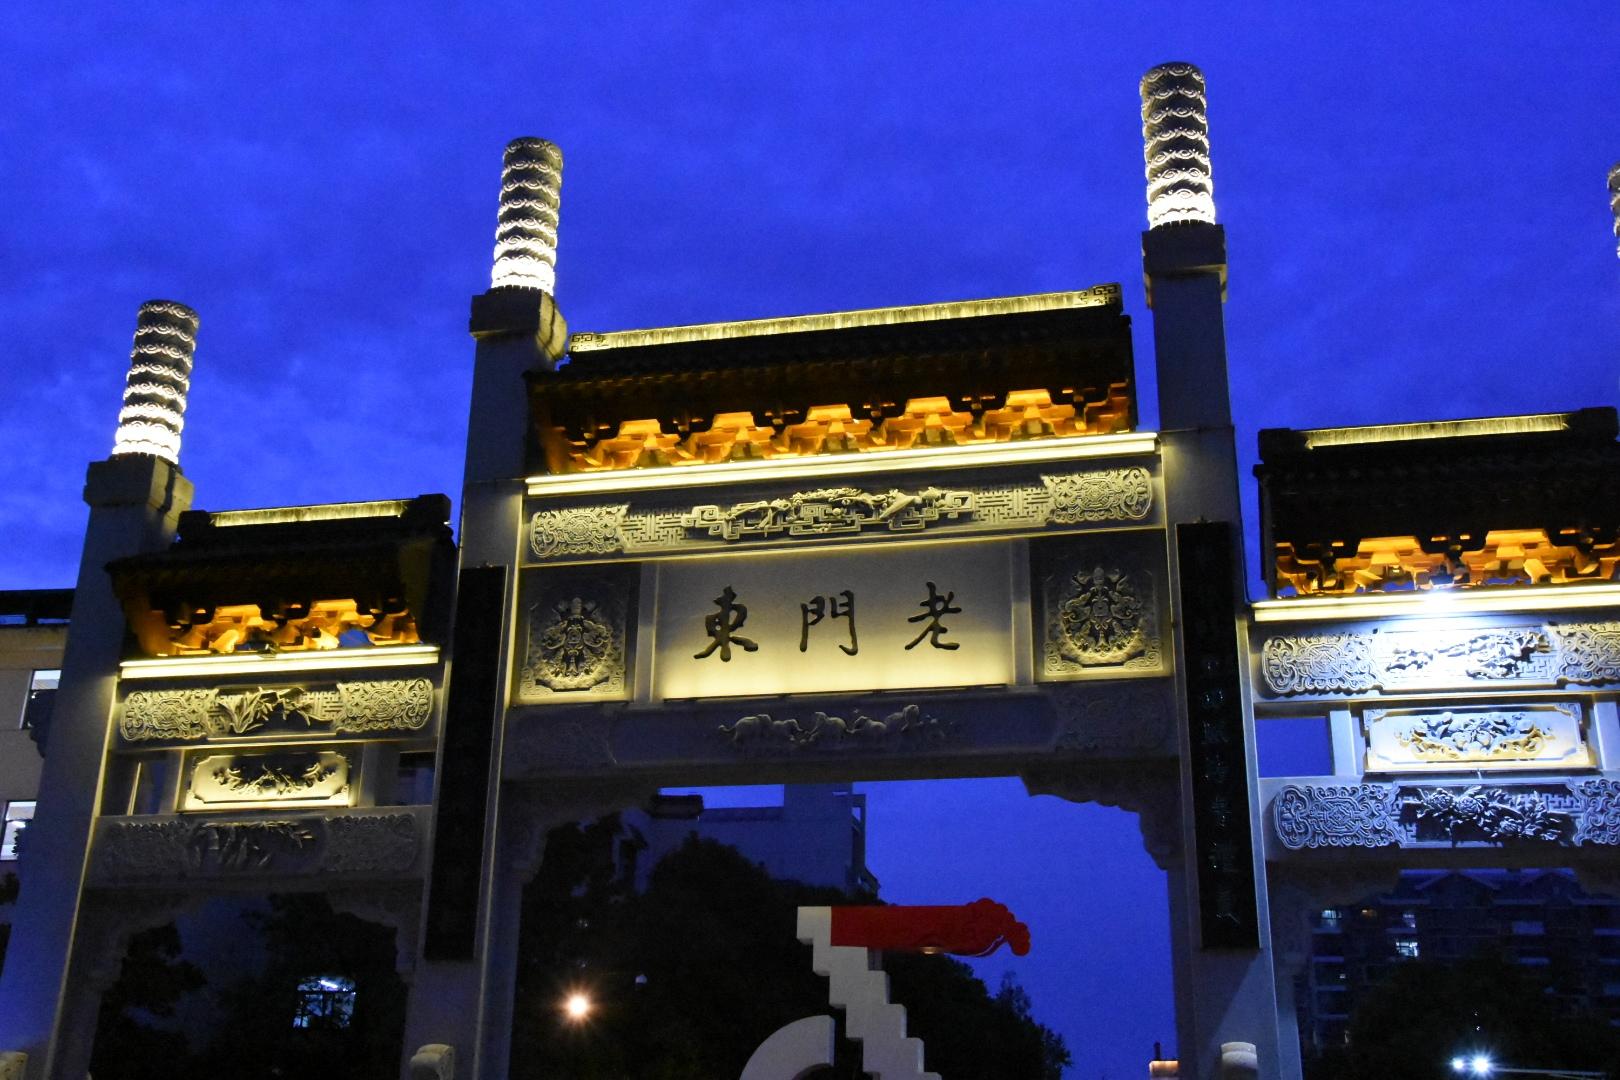 南京老门东,适合拍照的好地方